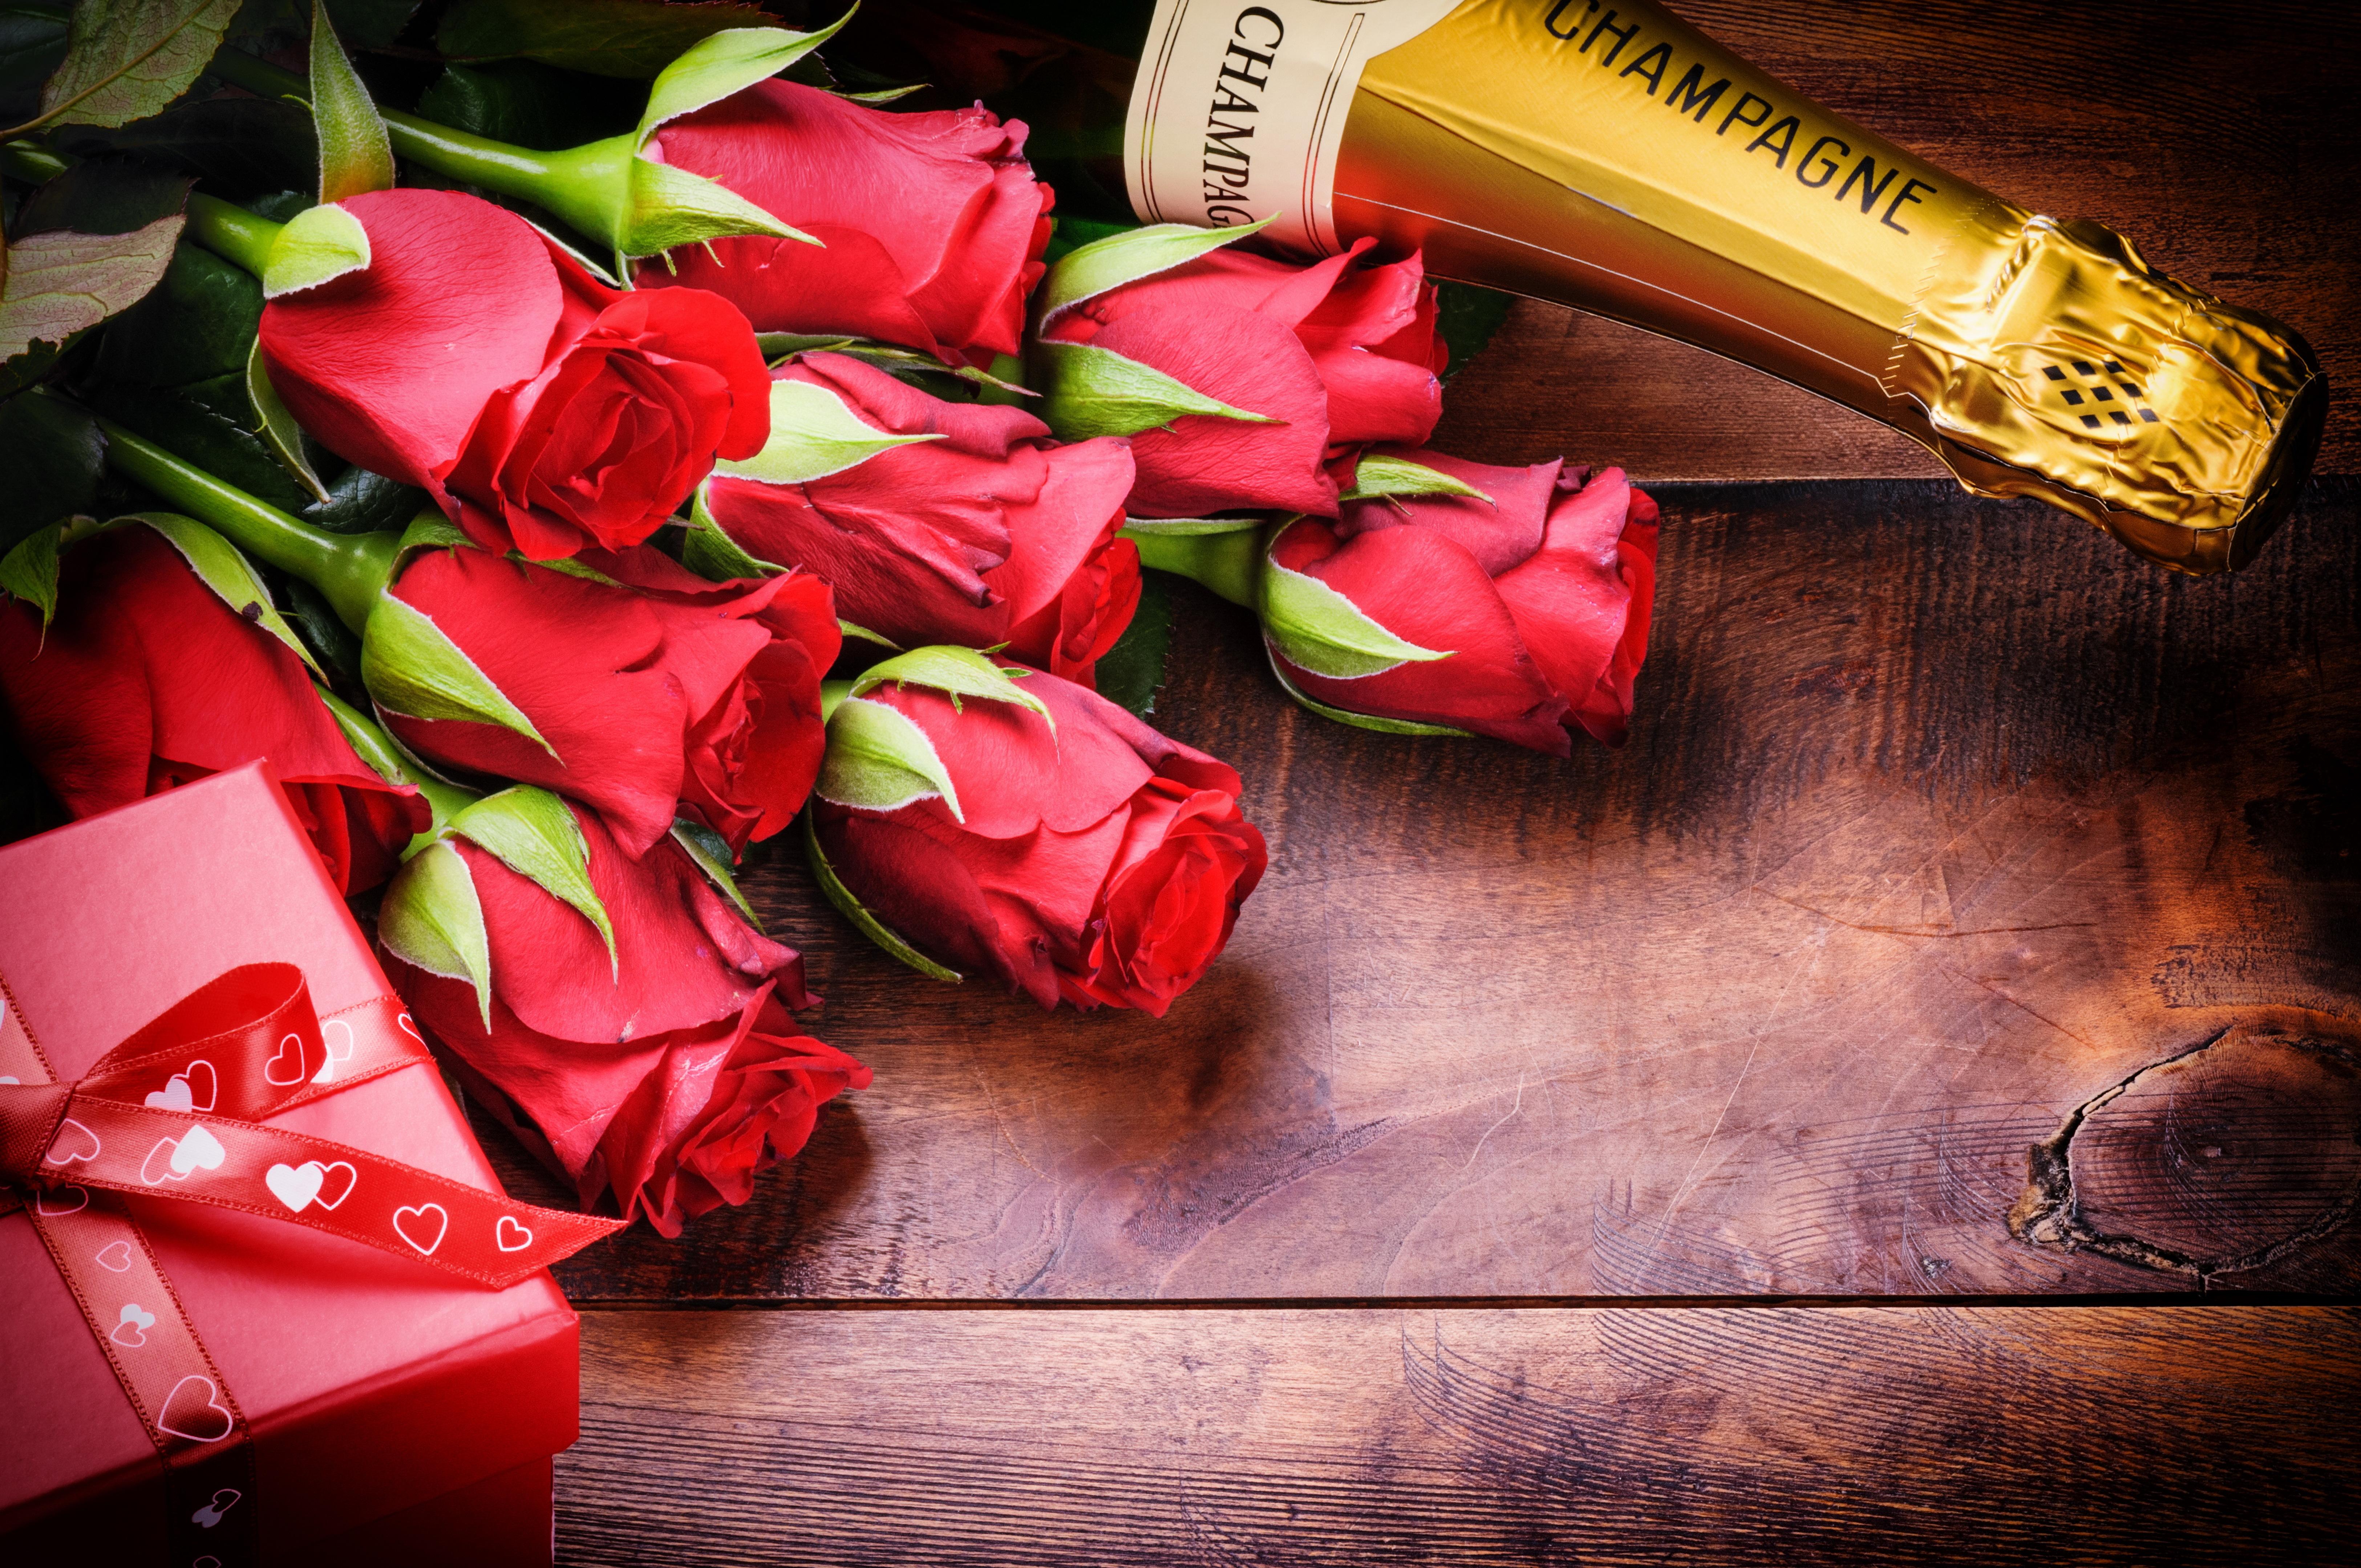 розы,упаковка,букет,праздник  № 759890 загрузить